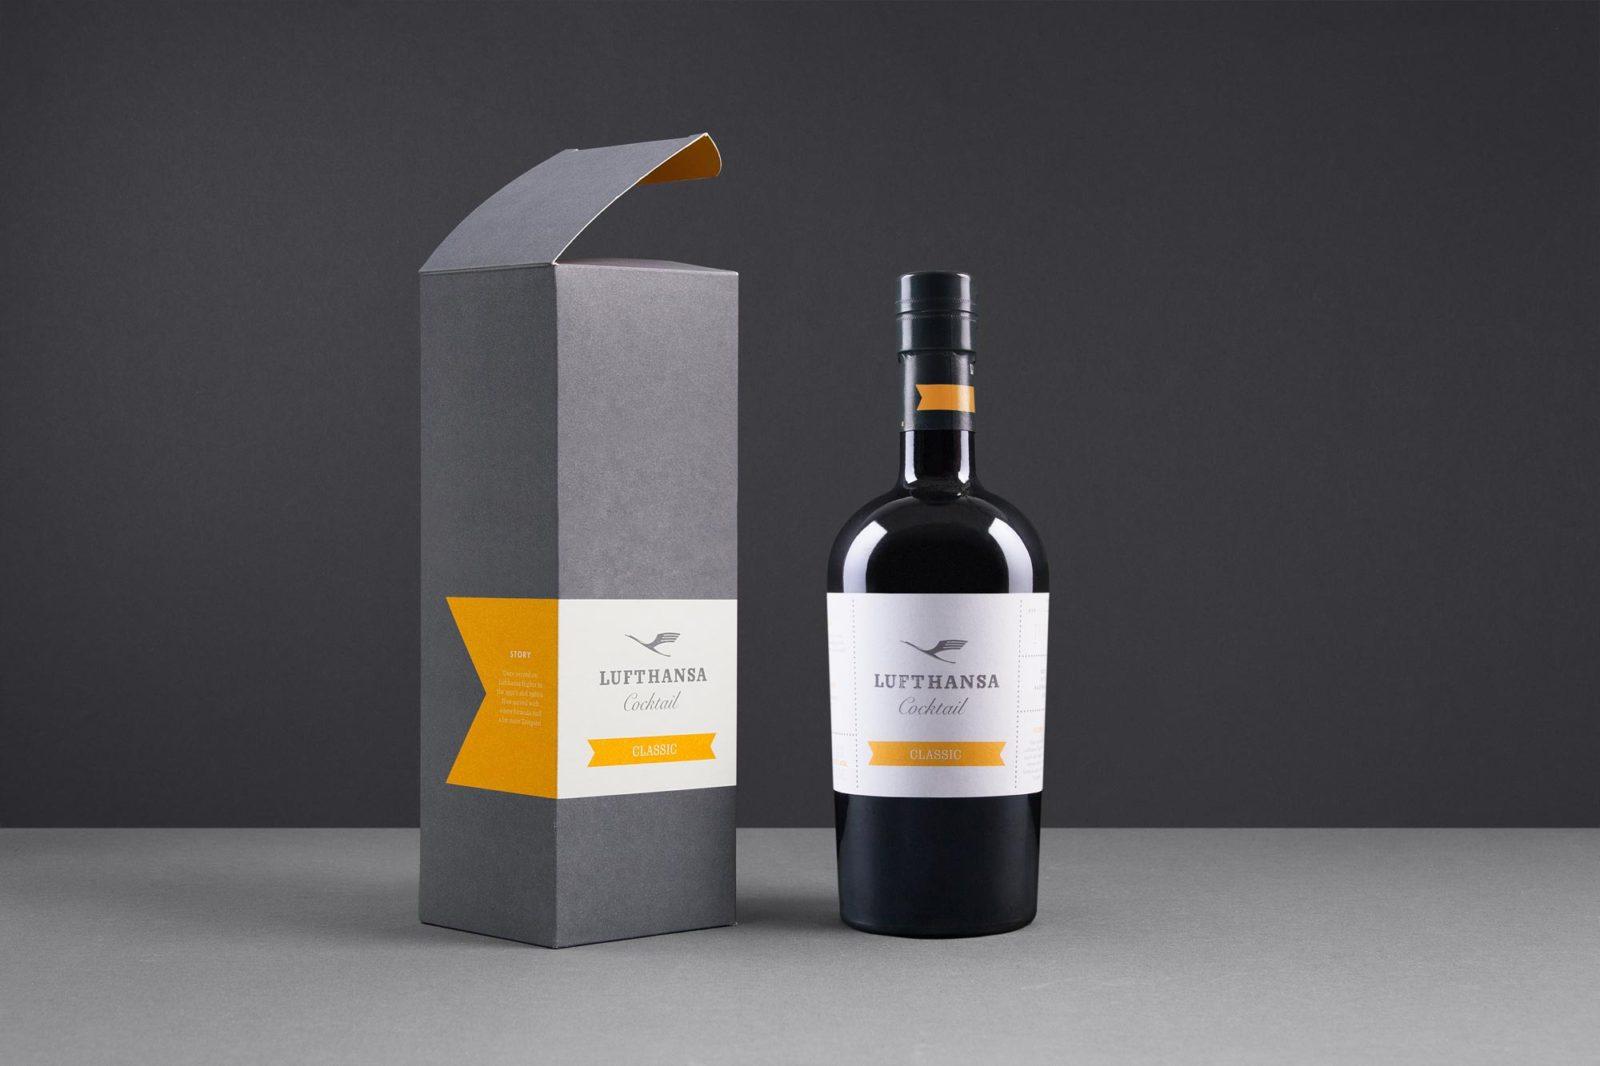 editienne Kommunkationsdesign- Brand Packaging Re-Design 5